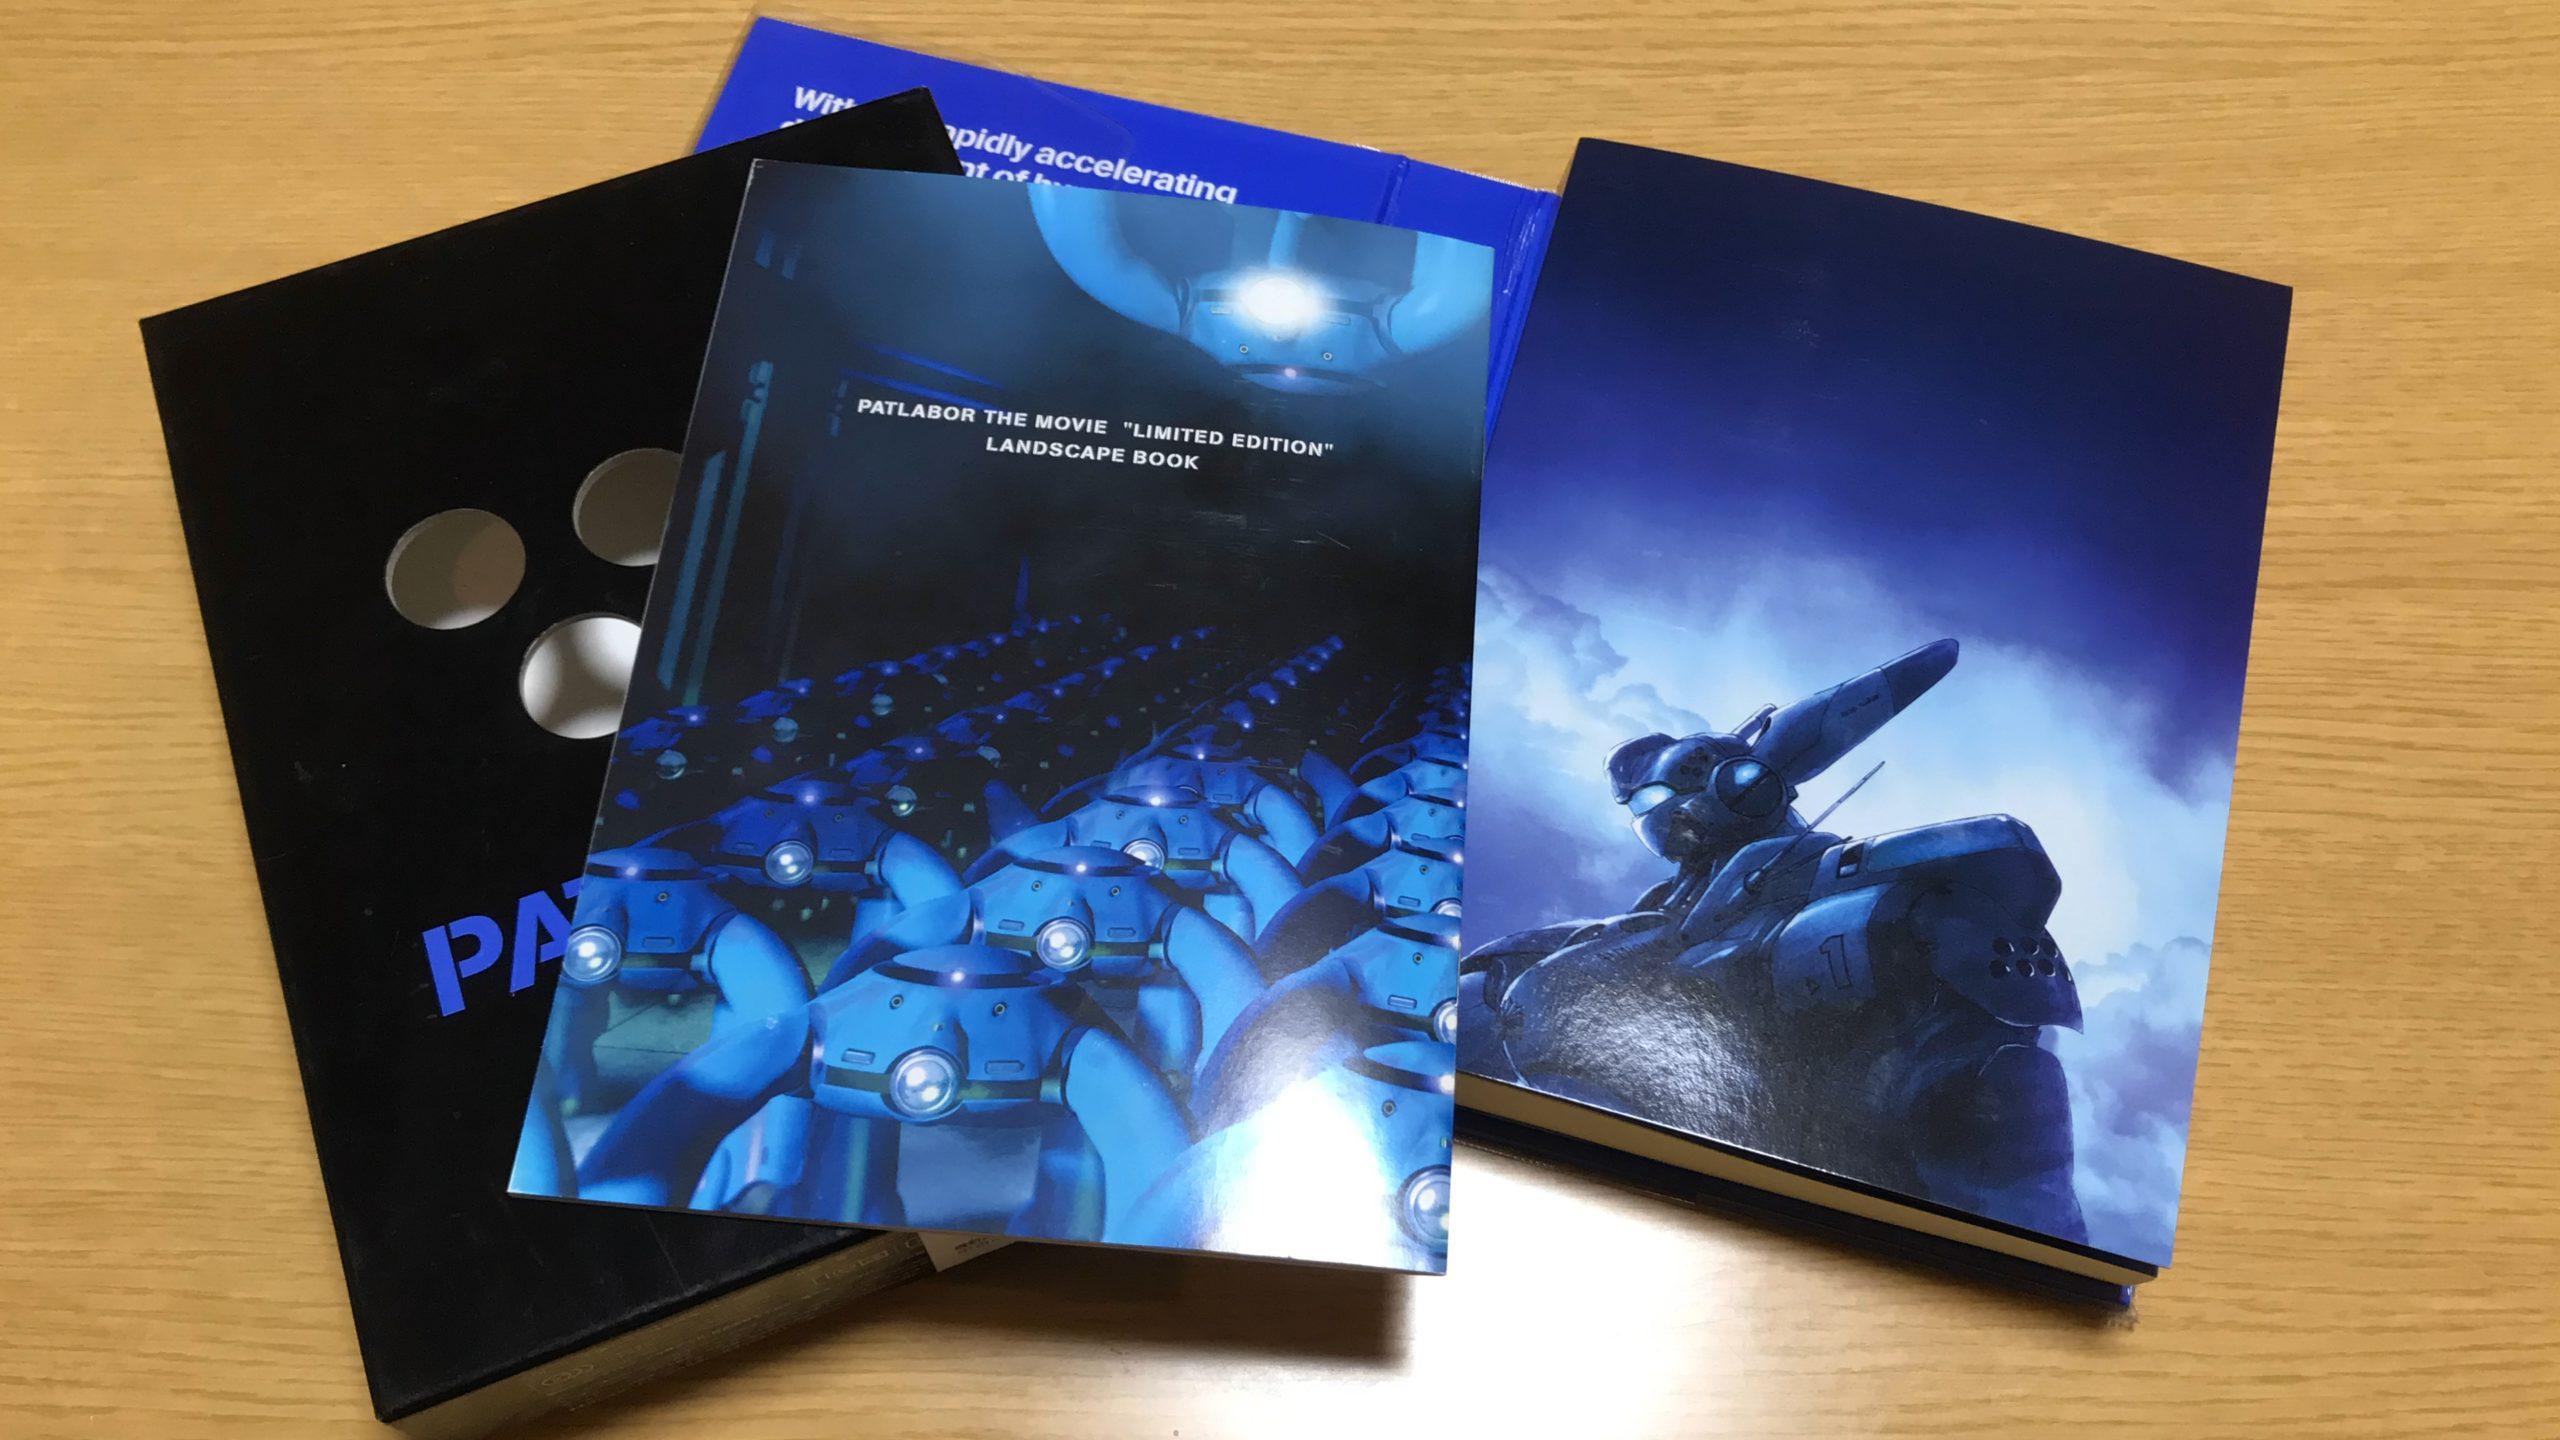 パトレイバー 劇場版 Limited Edition:サウンドリニューアル版と絵コンテが収録されているDVD